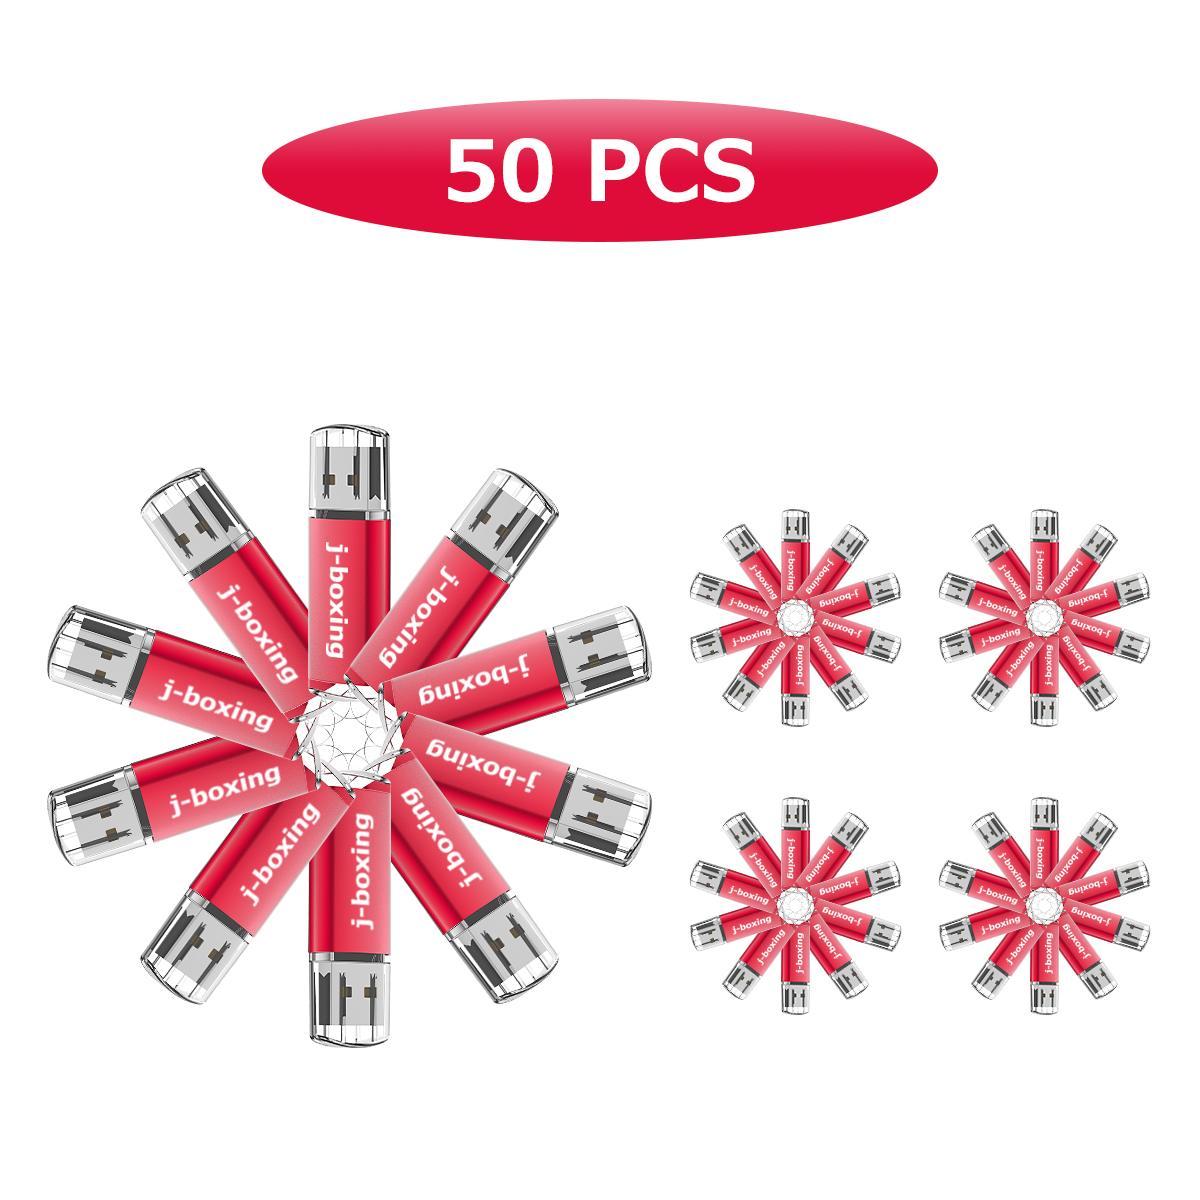 J-boxing Bulk 50PCS 8 GB USB Flash Stick Thumb Pen Drive Rectangle Flash Memory Stick for PC Laptop Tablet USB Device 8 Colours enlarge